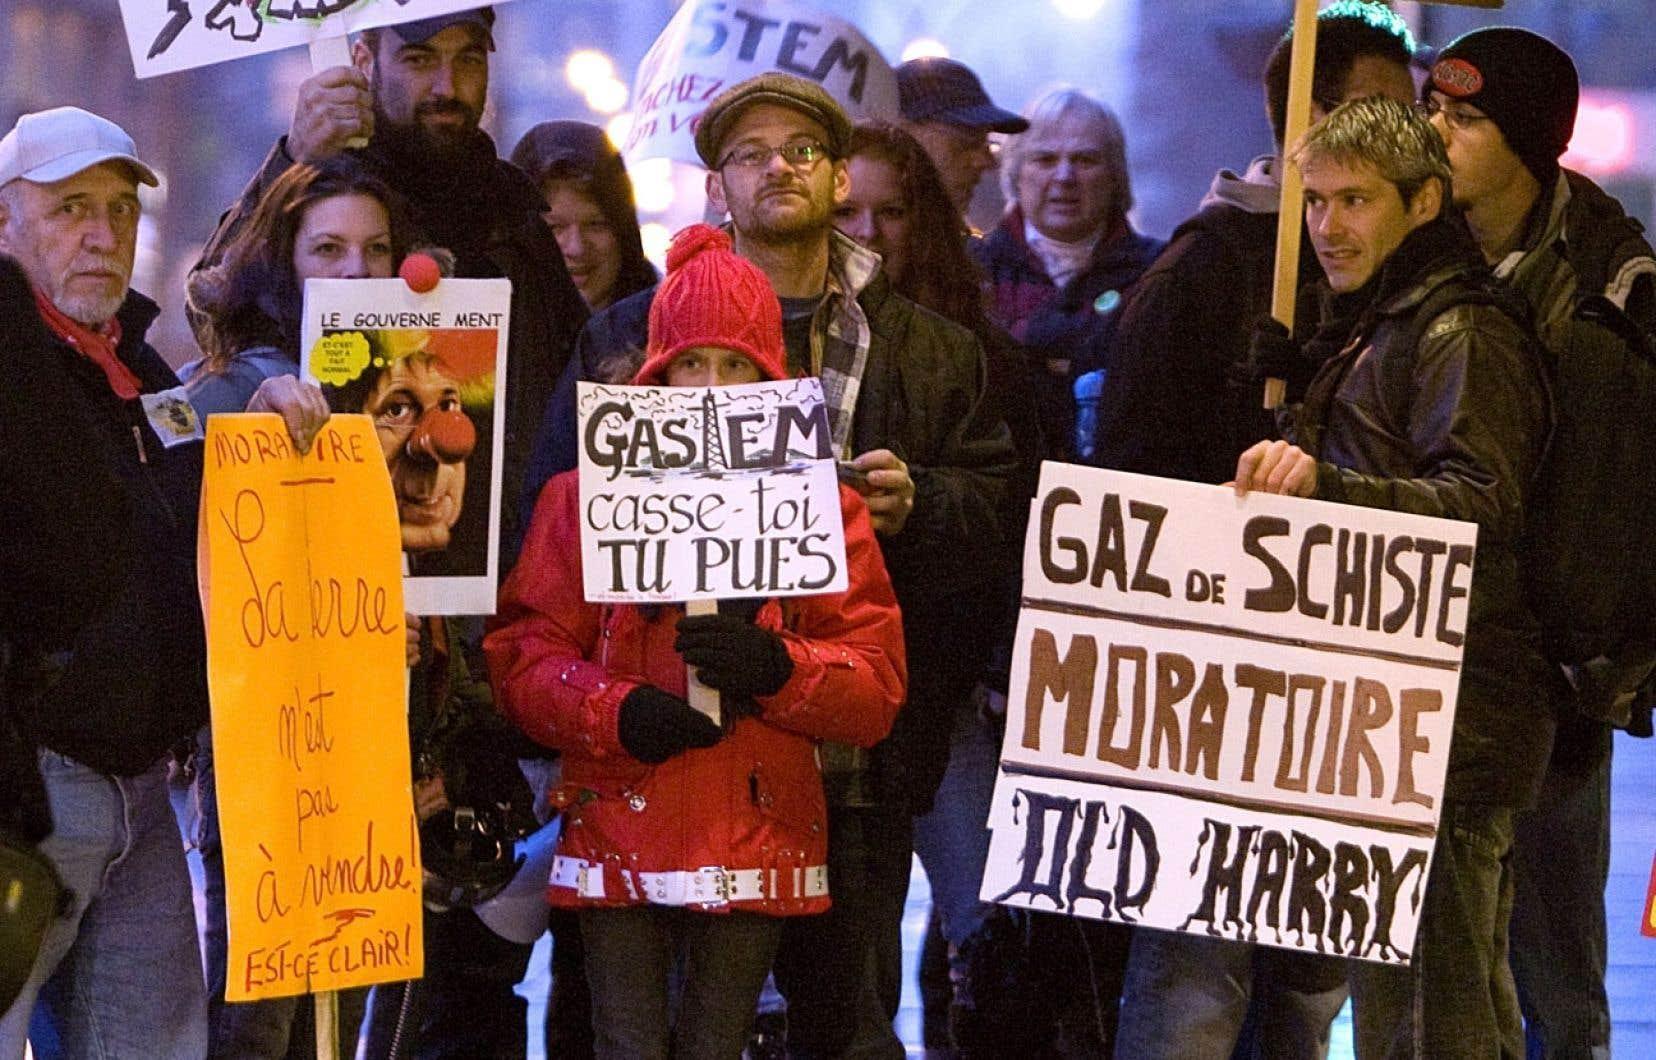 Un des responsables de l'étude menée dans le cadre des évaluations stratégiques du ministère de l'Environnement, estime que le départ raté de l'industrie du gaz de schiste au Québec tient sans doute au fait que les entreprises ont failli à bâtir la confiance du public.